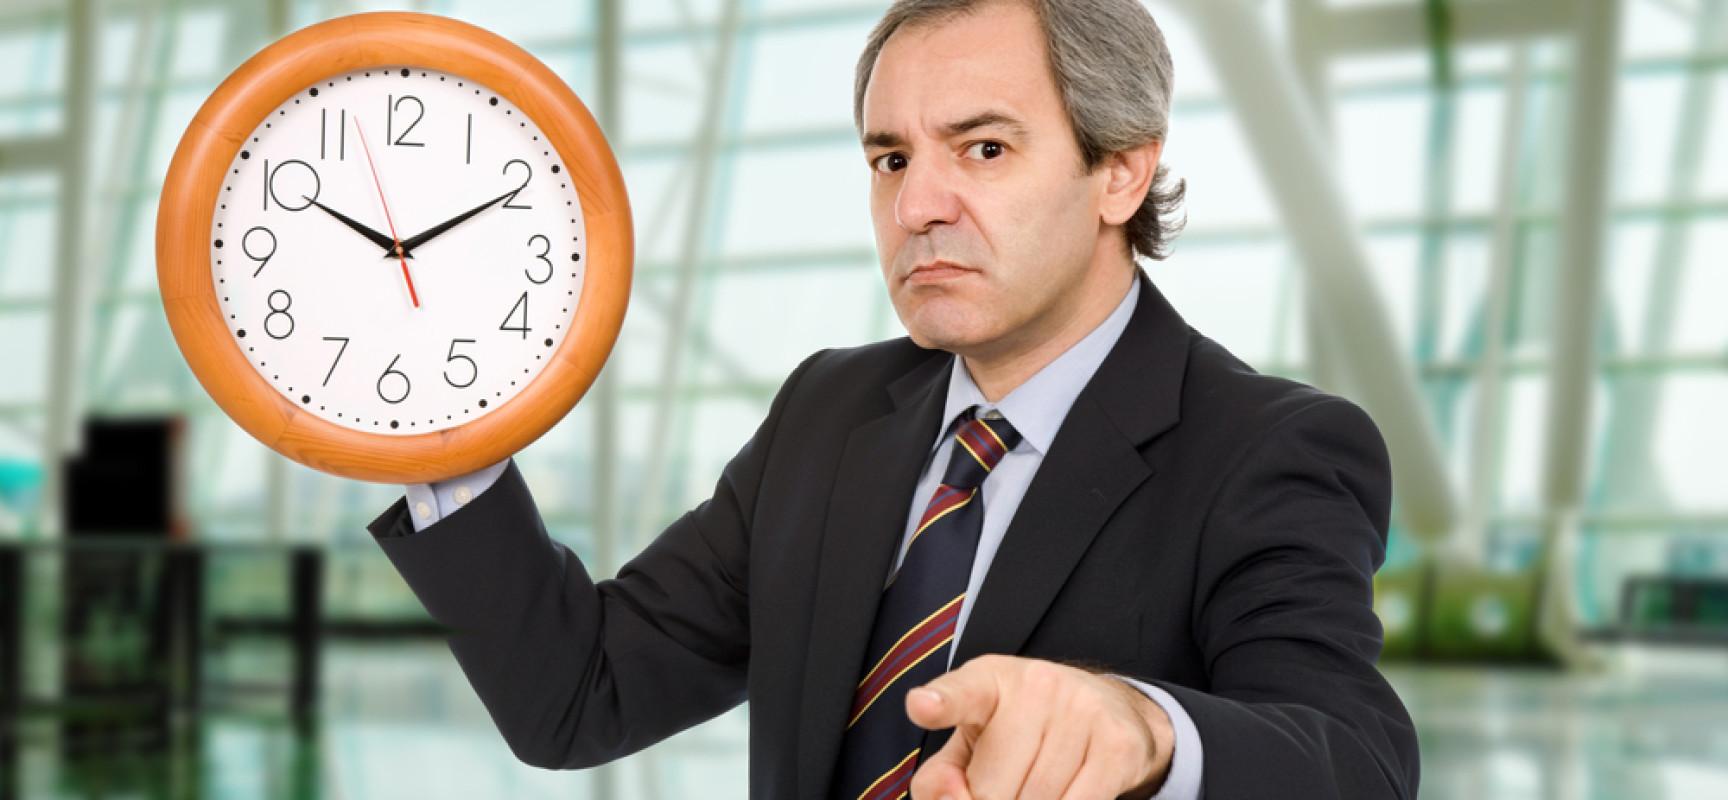 Ненормированный рабочий день — условия организации труда